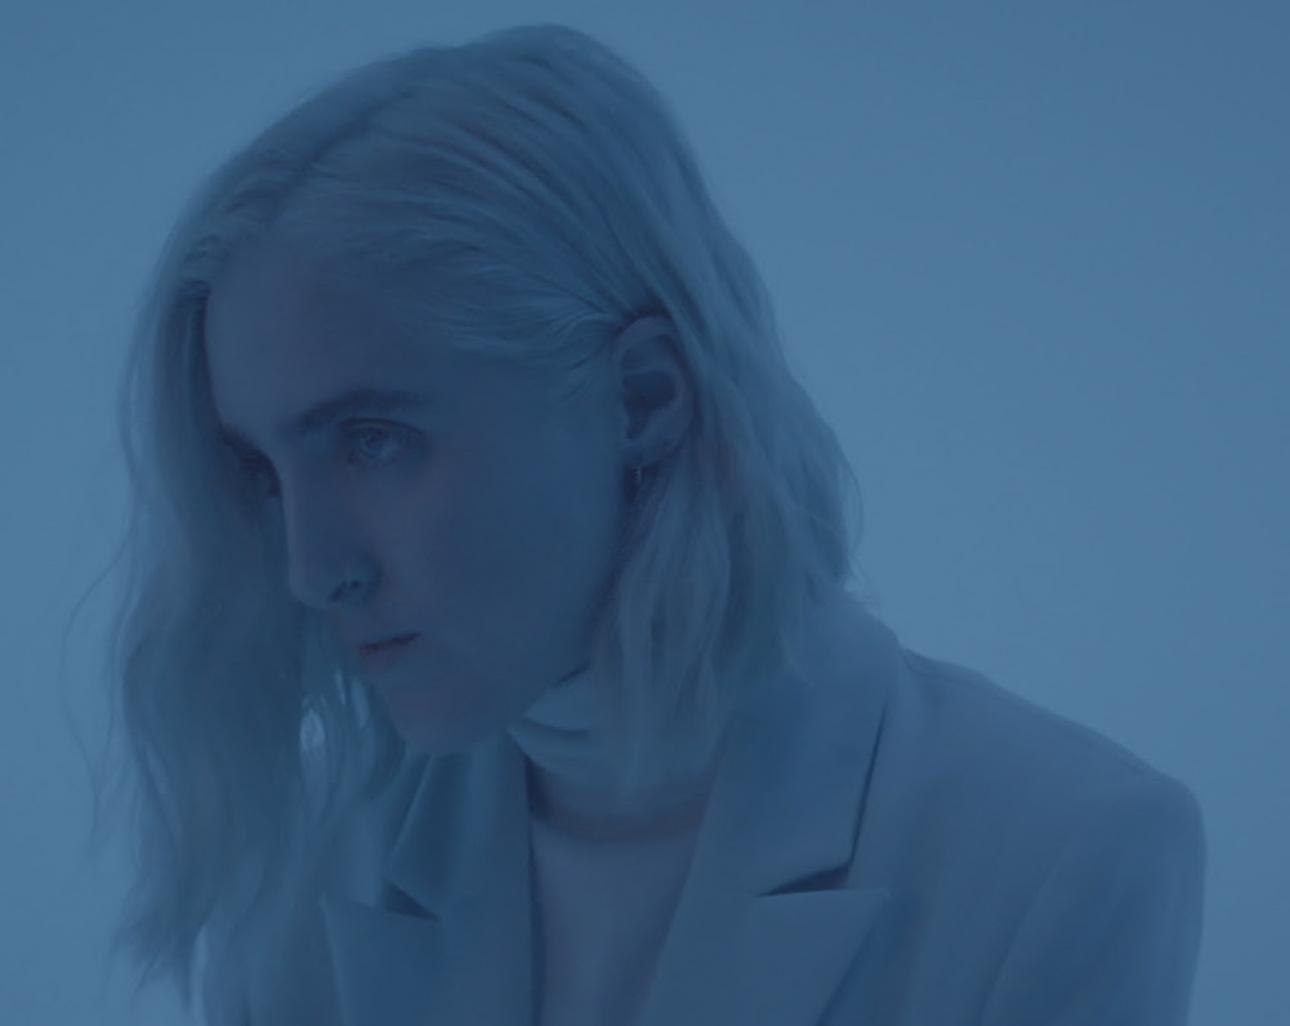 Шура анонсирует делюкс-выпуск предыдущего альбома с неизданным треком «Obsession»